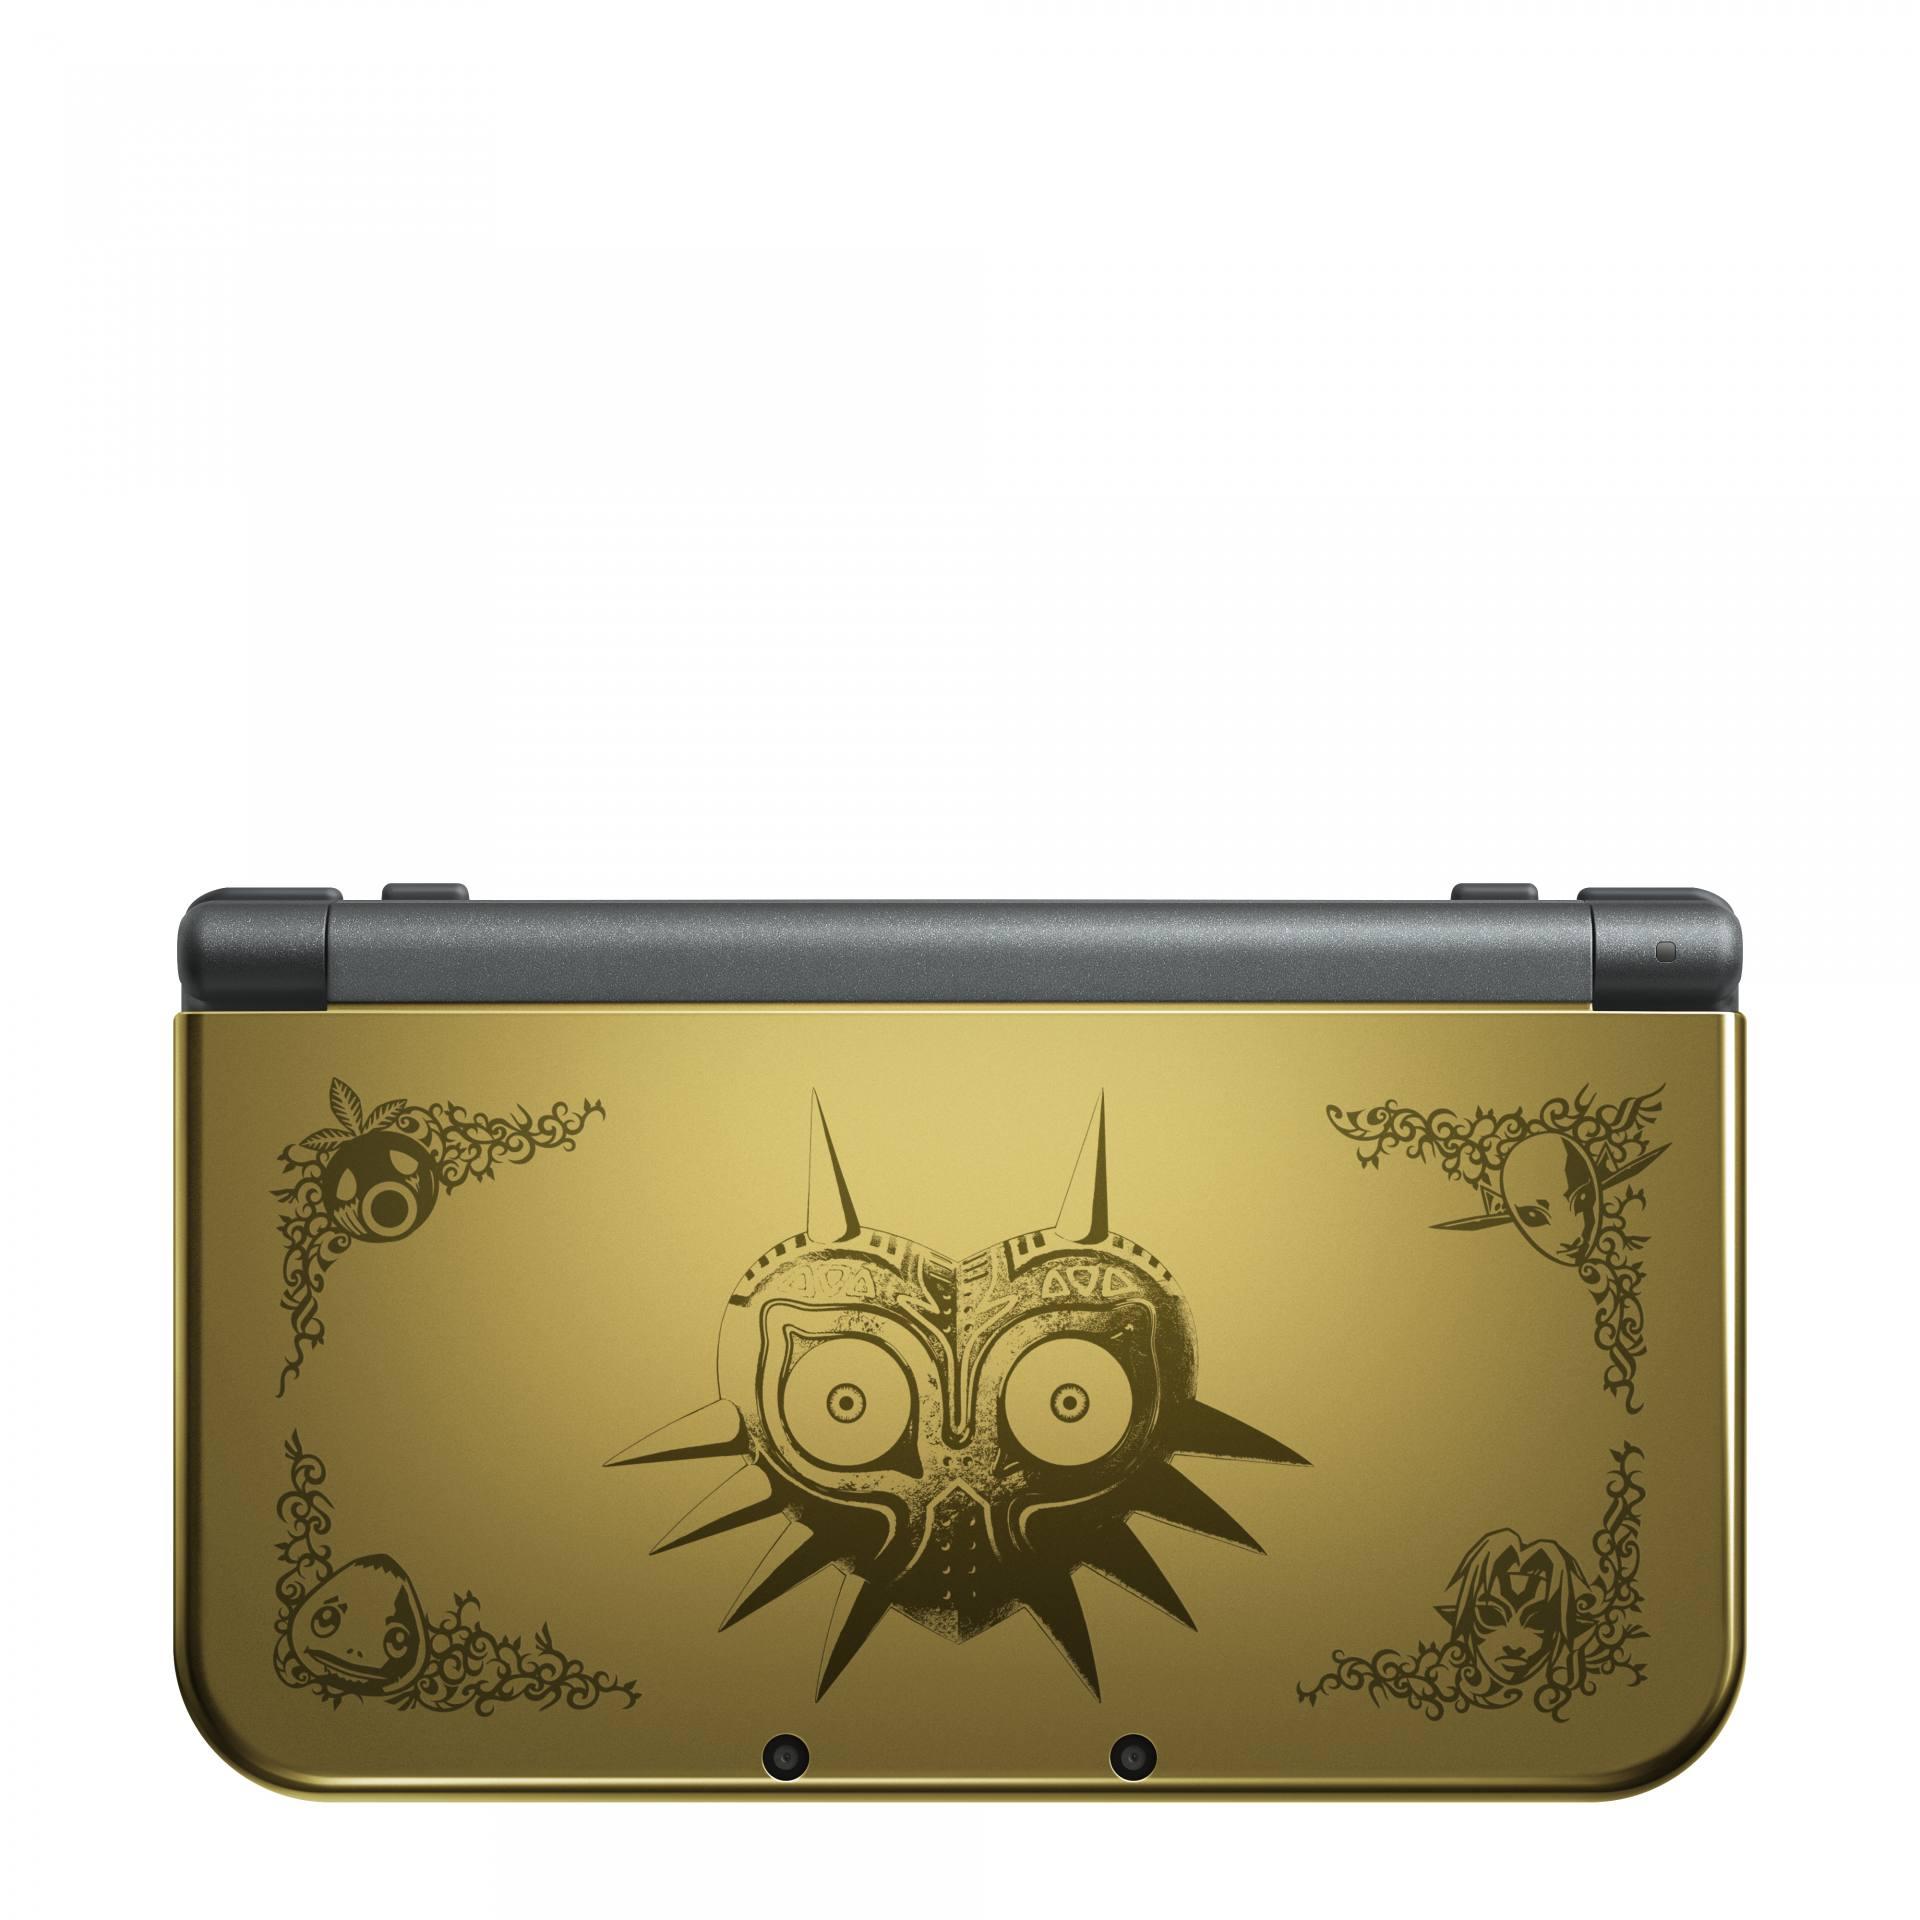 The Legend of Zelda Majora's Mask 3D 14-01-15 027